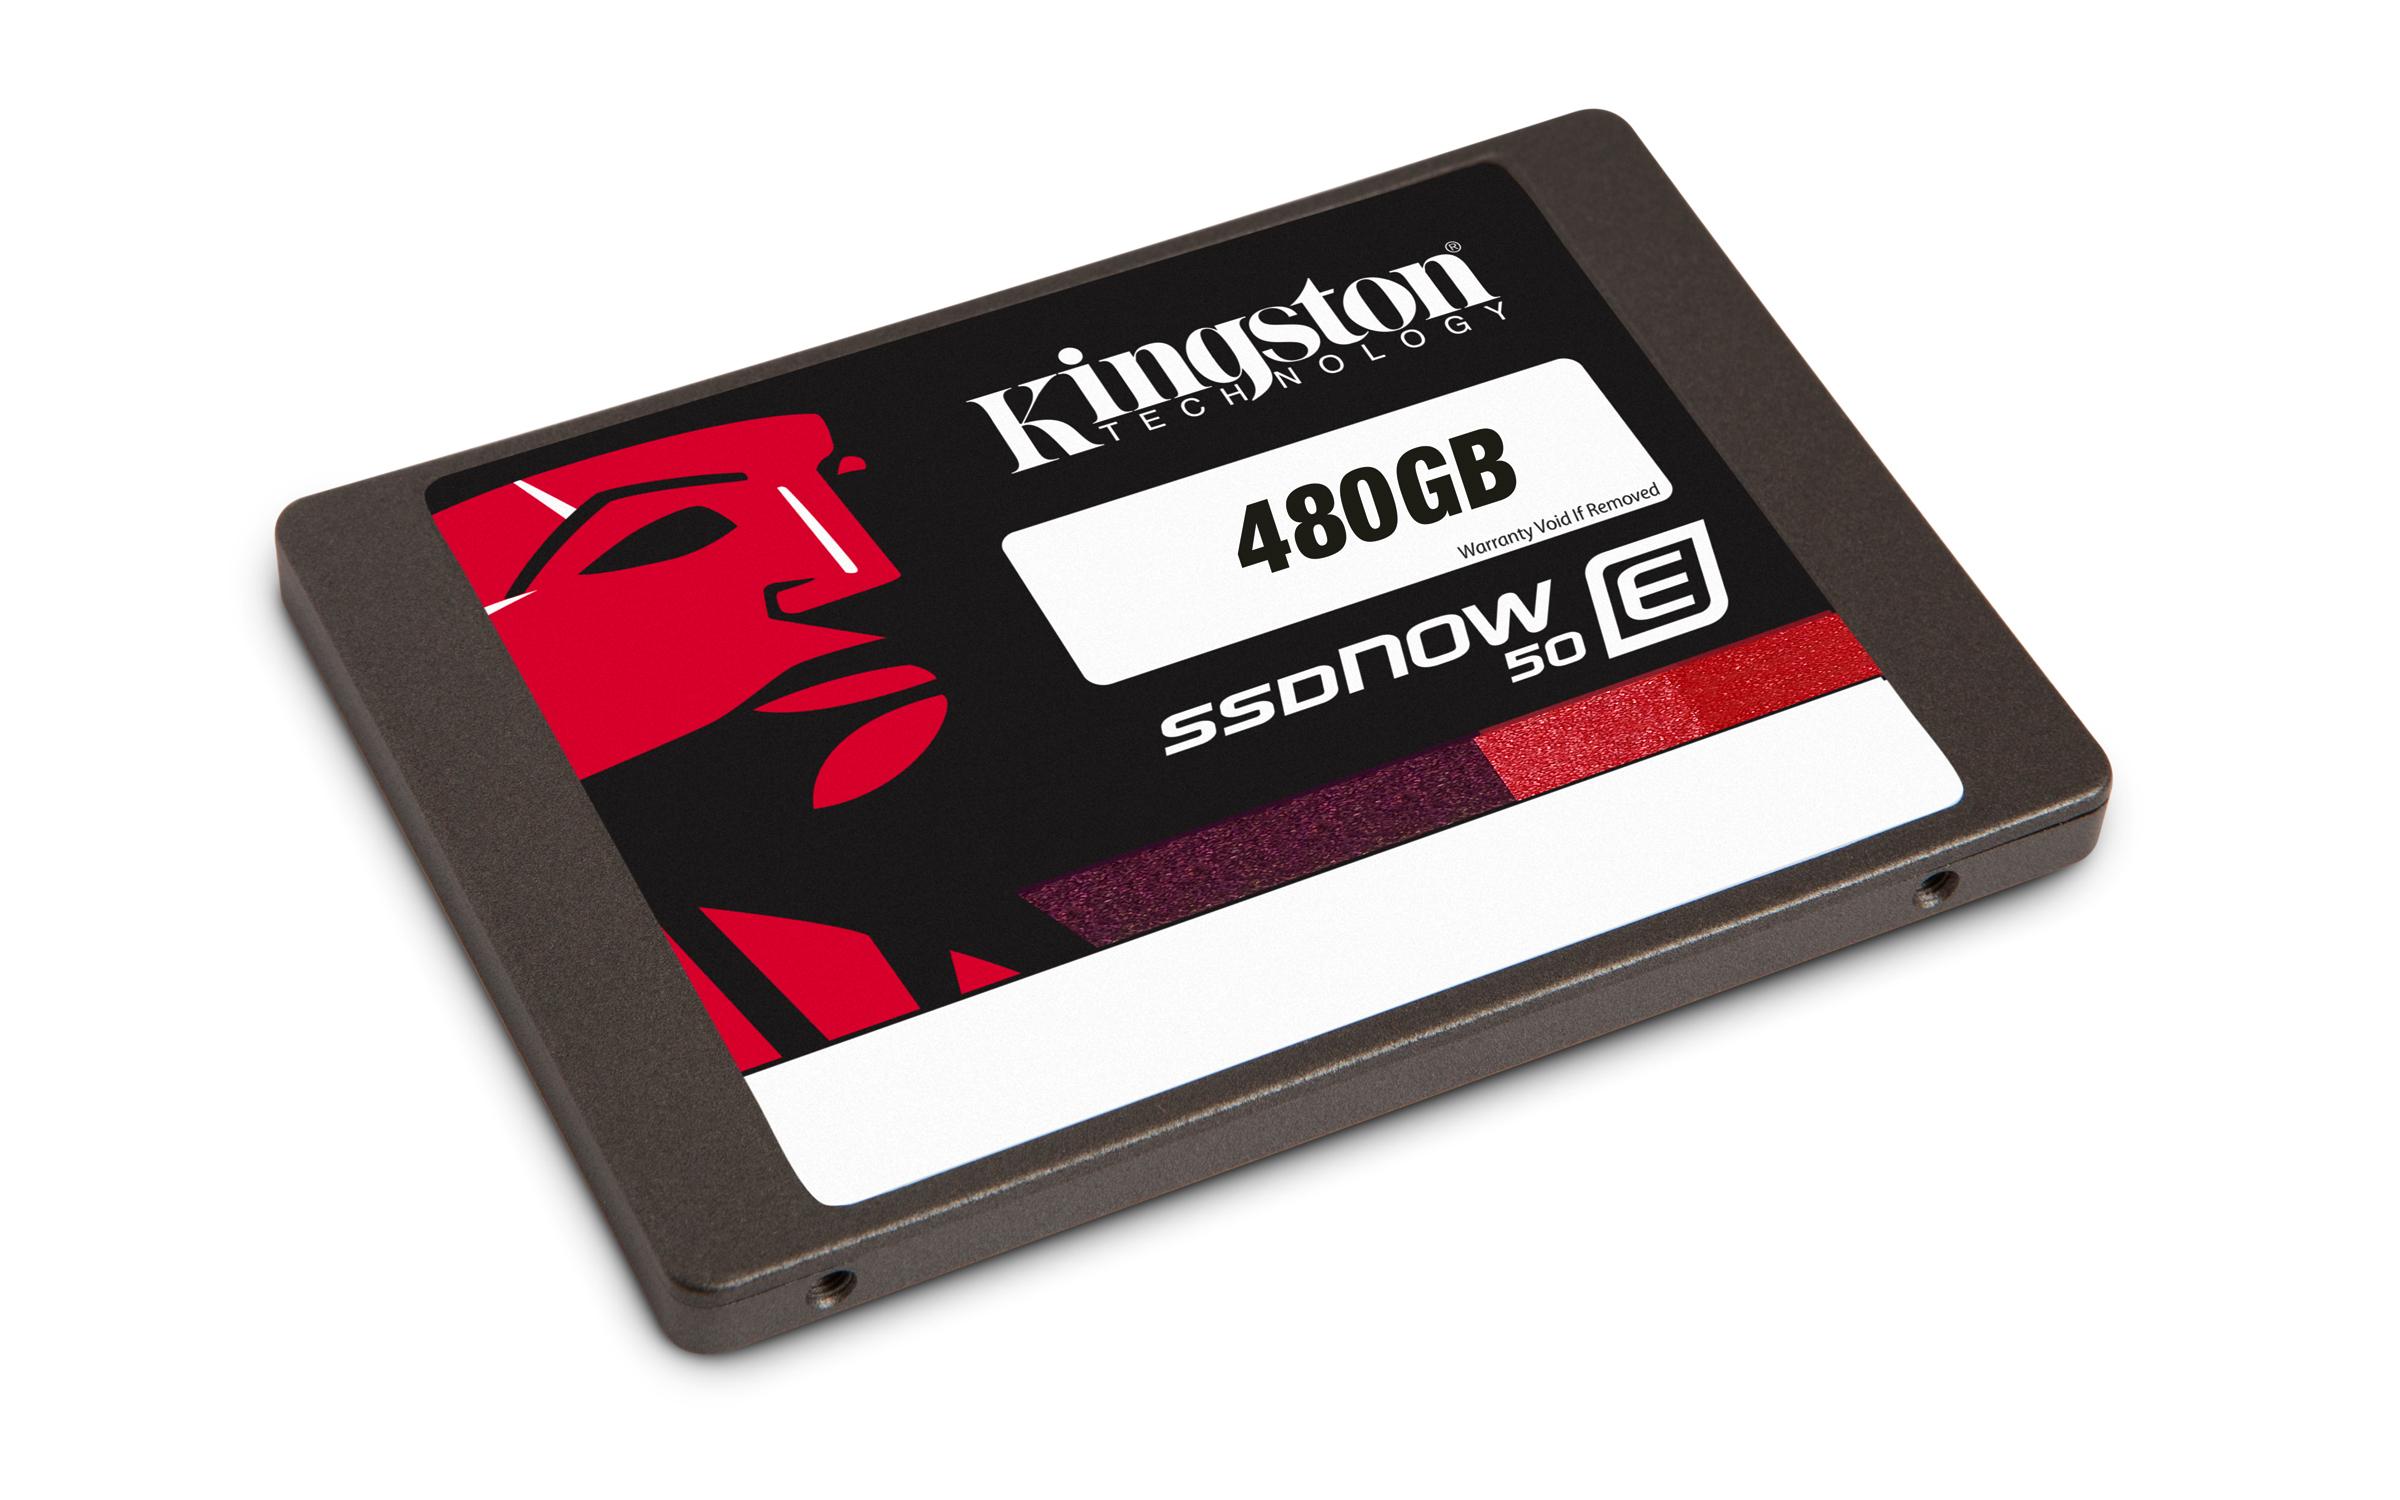 Kingston Flash SSD 480GB SSDNow E50 SSD SATA 3 2.5 Enterprise